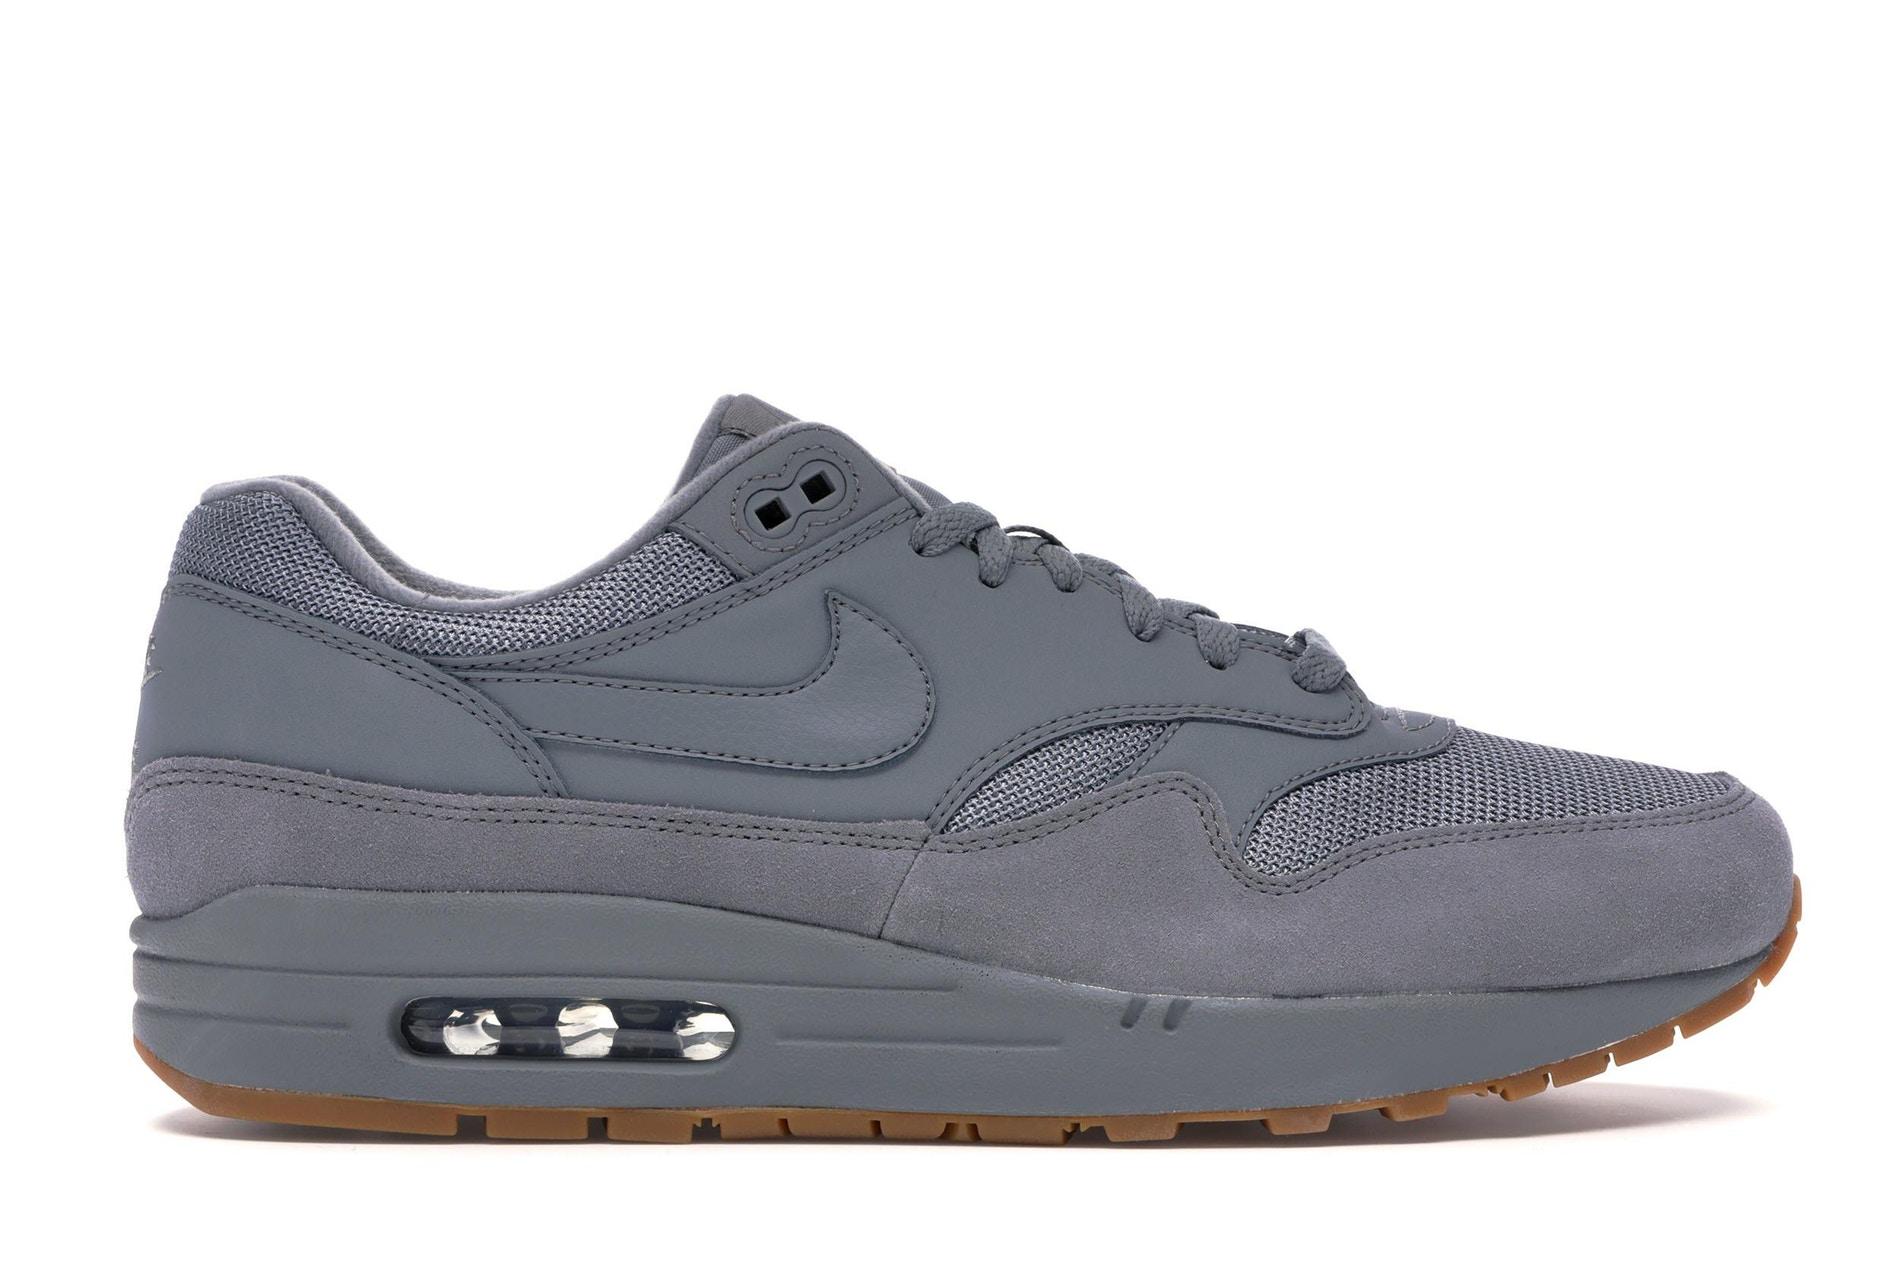 Nike Air Max 1 Cool Grey Gum - AH8145-005